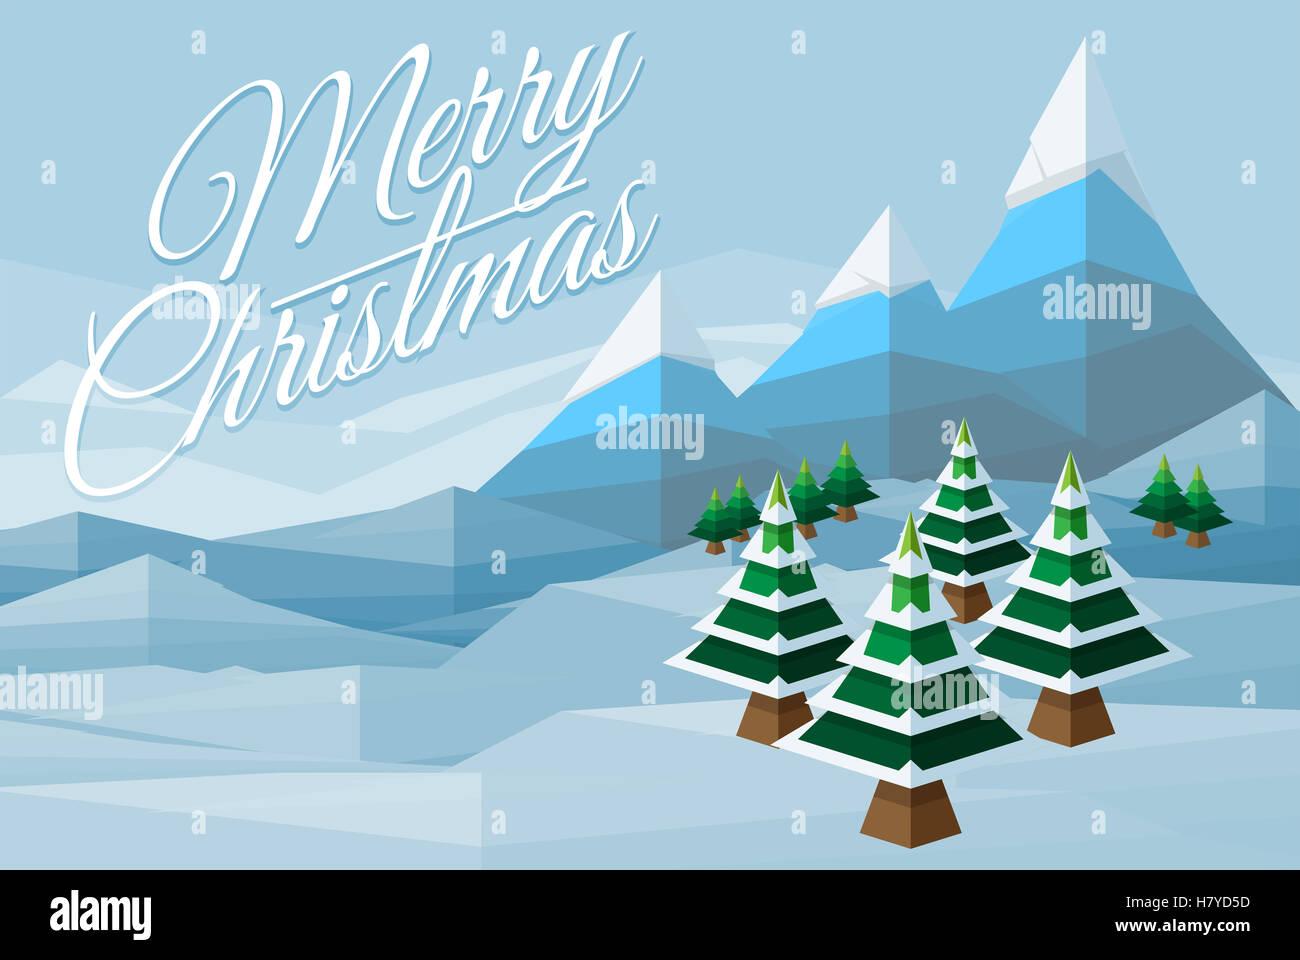 Abstrakte Weihnachten Polygon Schnee Winter Wunderland Landschaft ...